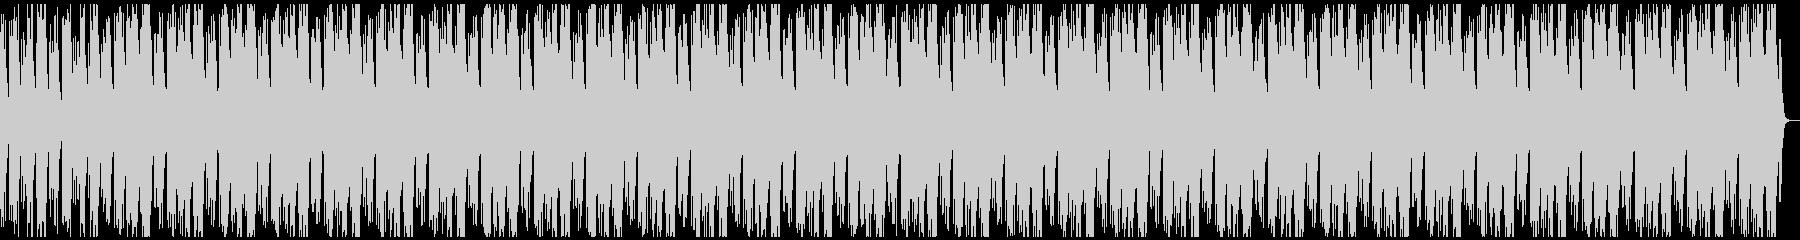 ピアノとストリングスの優しいヒーリング曲の未再生の波形